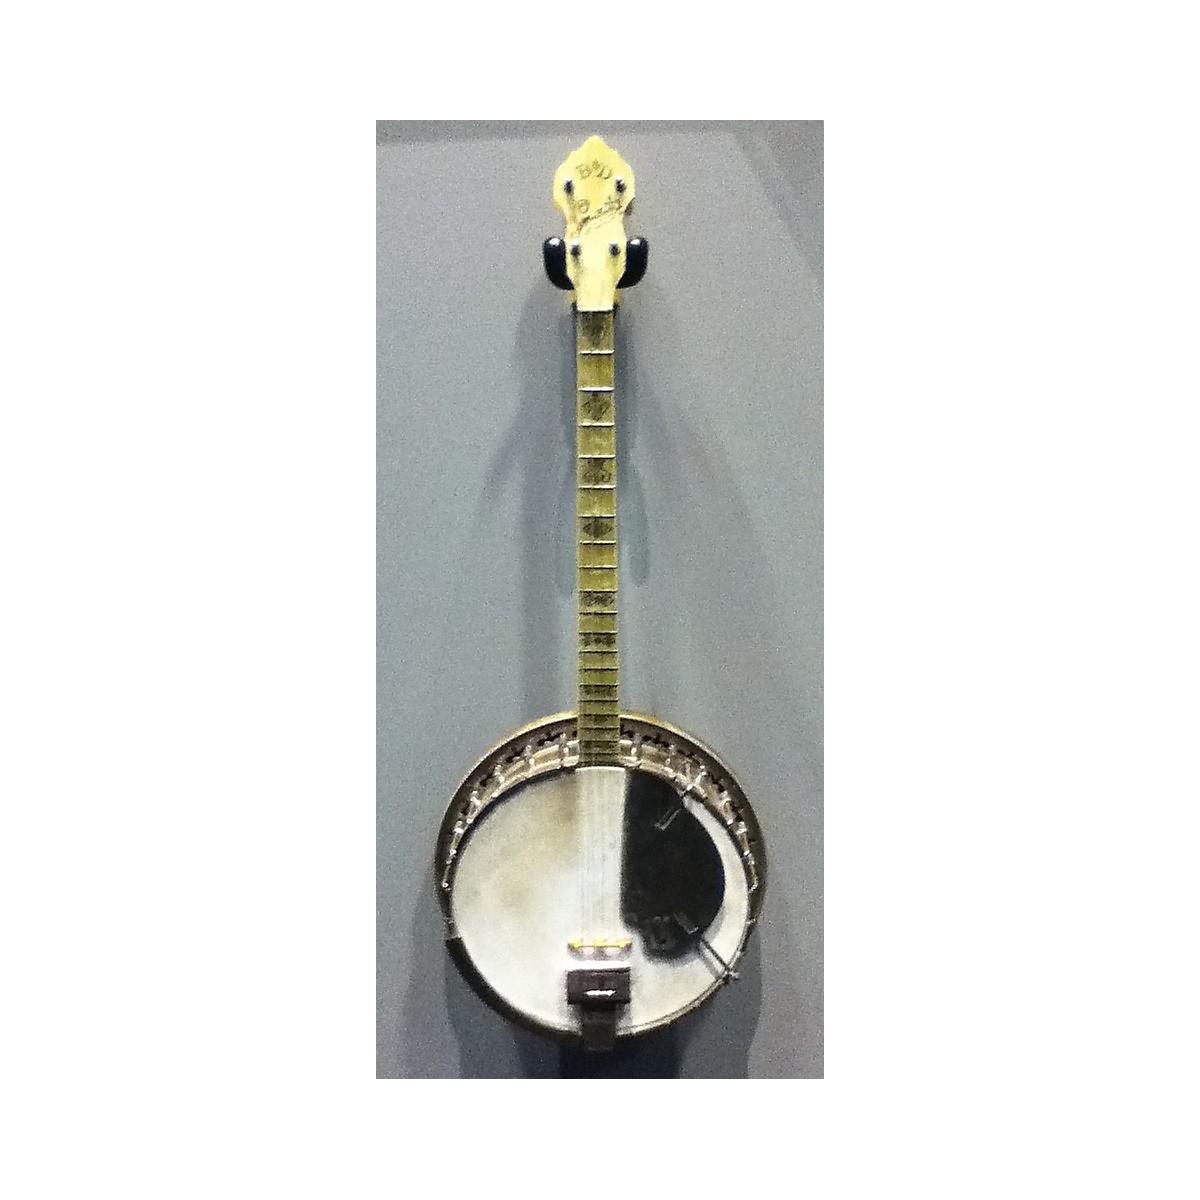 In Store Vintage Vintage 1920s B&D Senorita Natural Banjo